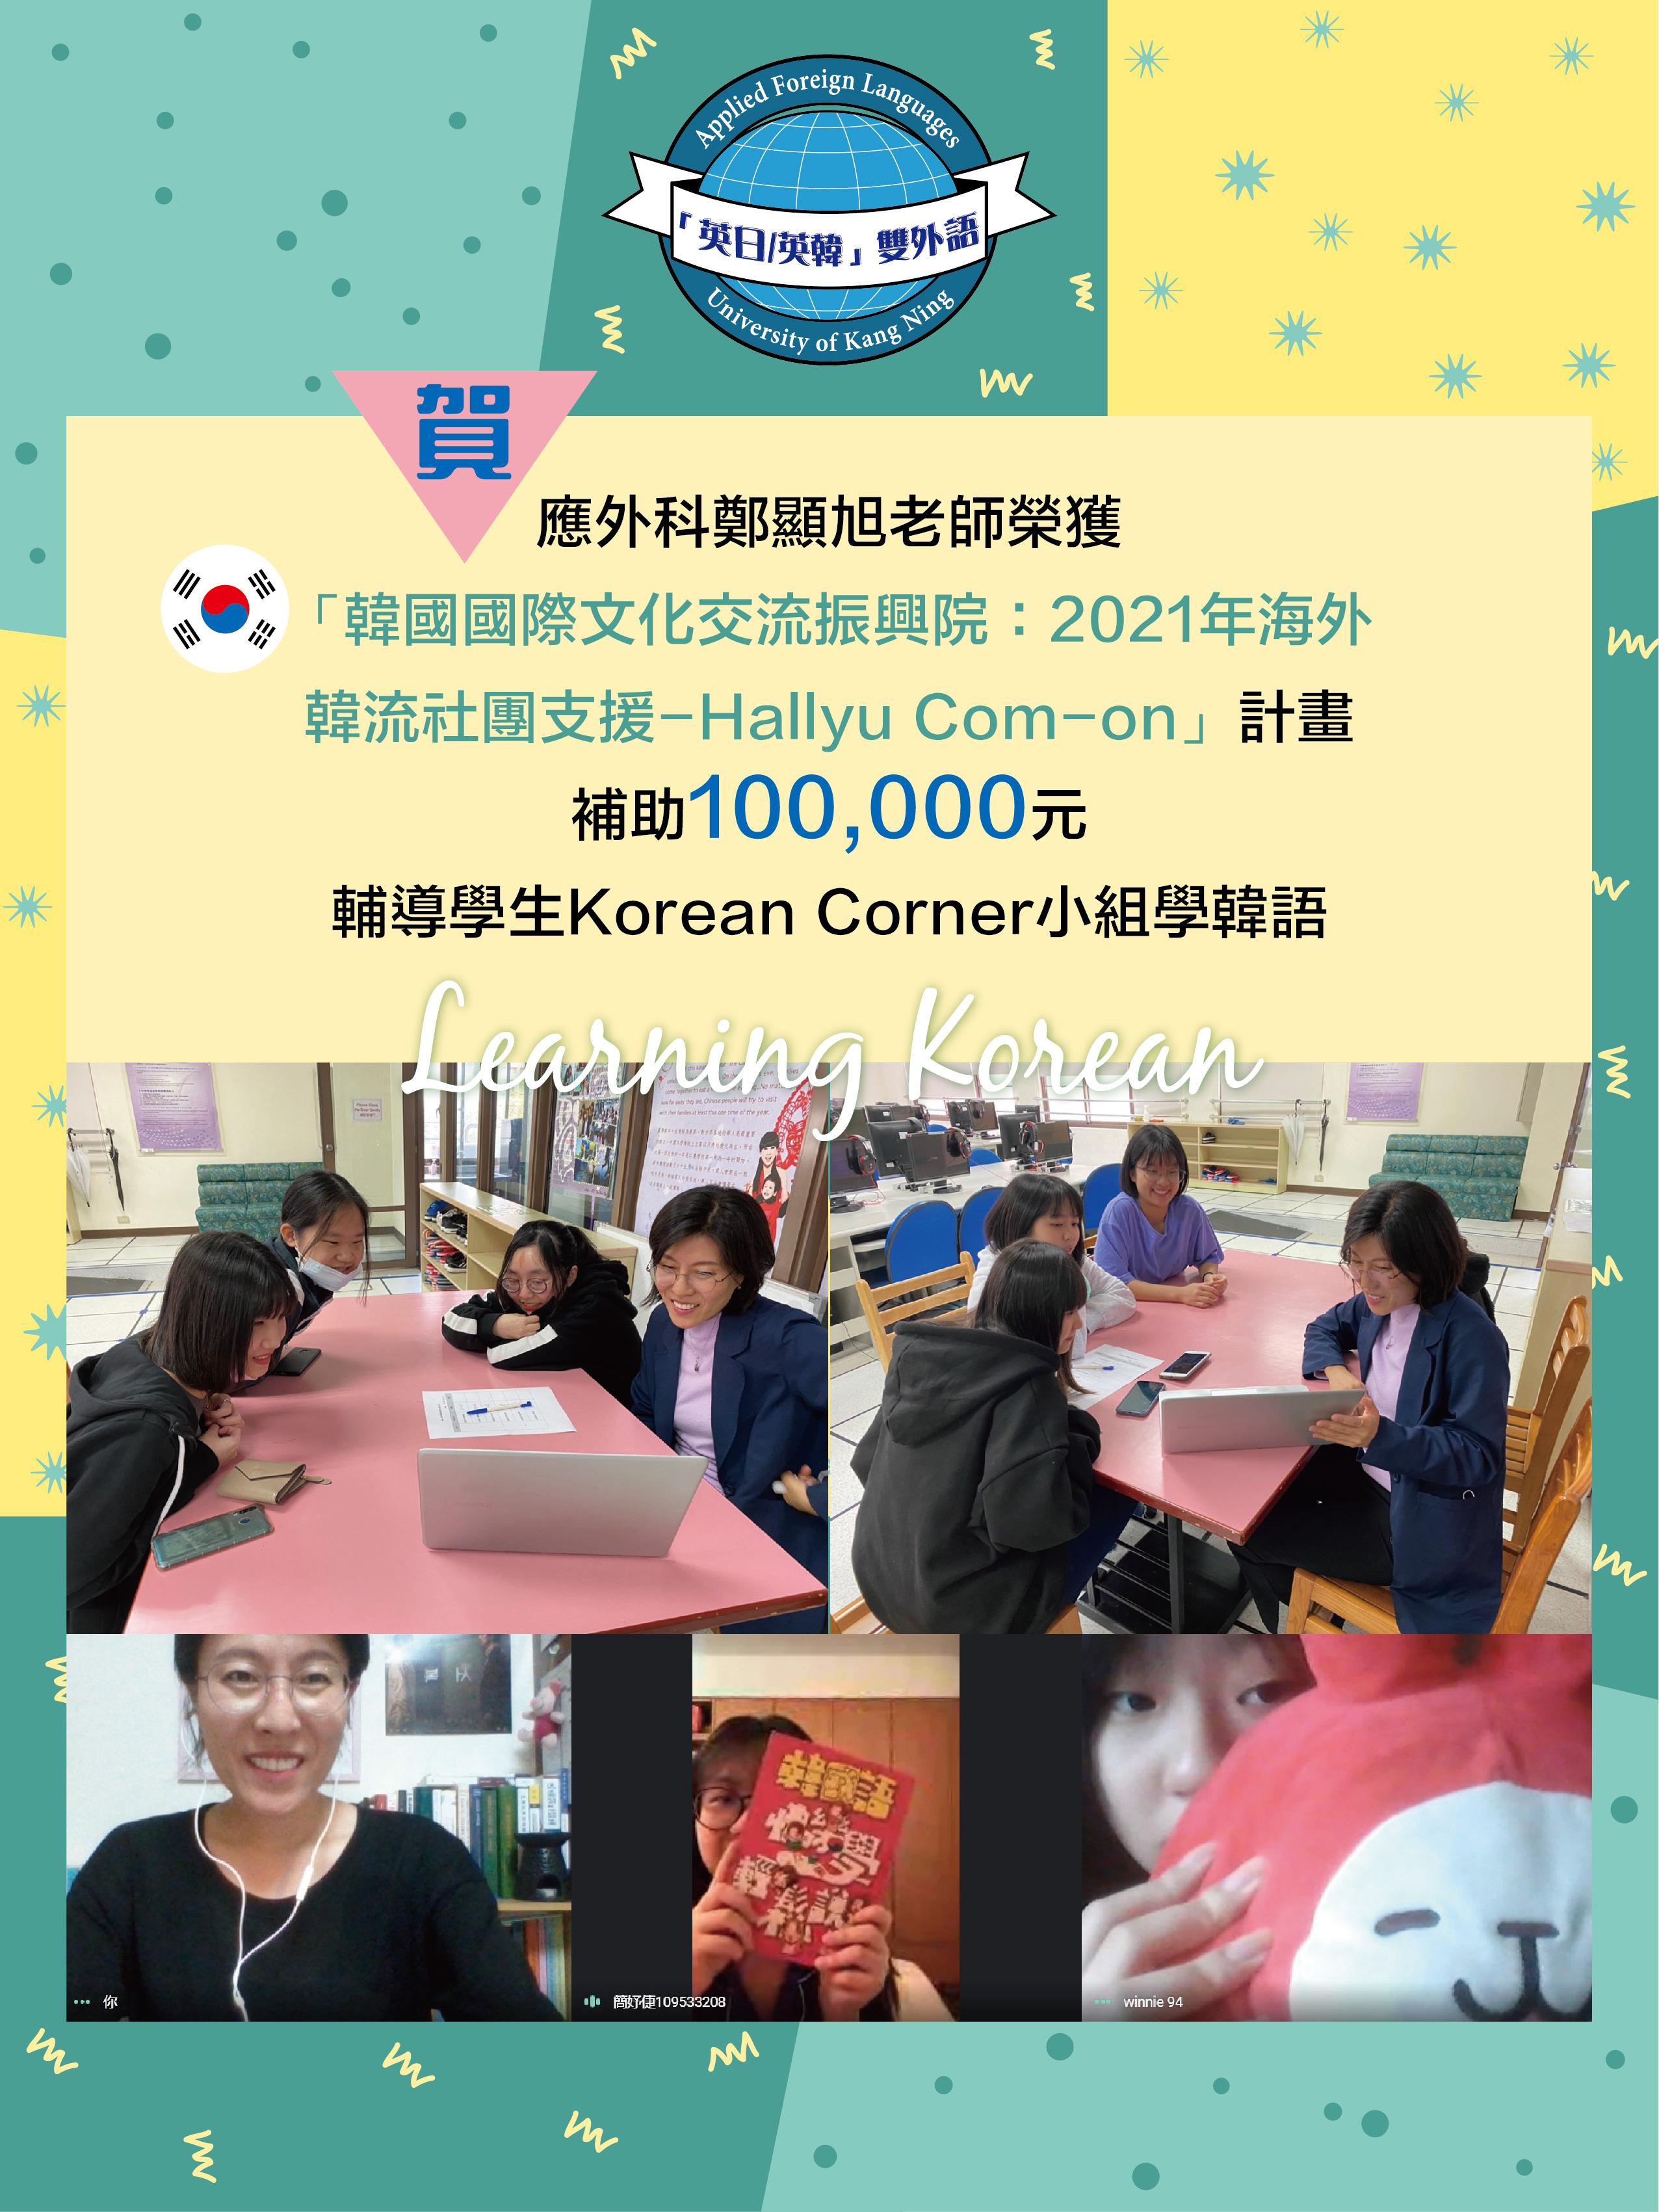 賀!應外科鄭顯旭老師榮獲「韓國國際文化交流振興院2021年海外韓流社團支援-Hallyu Com -on」計畫補助100000元